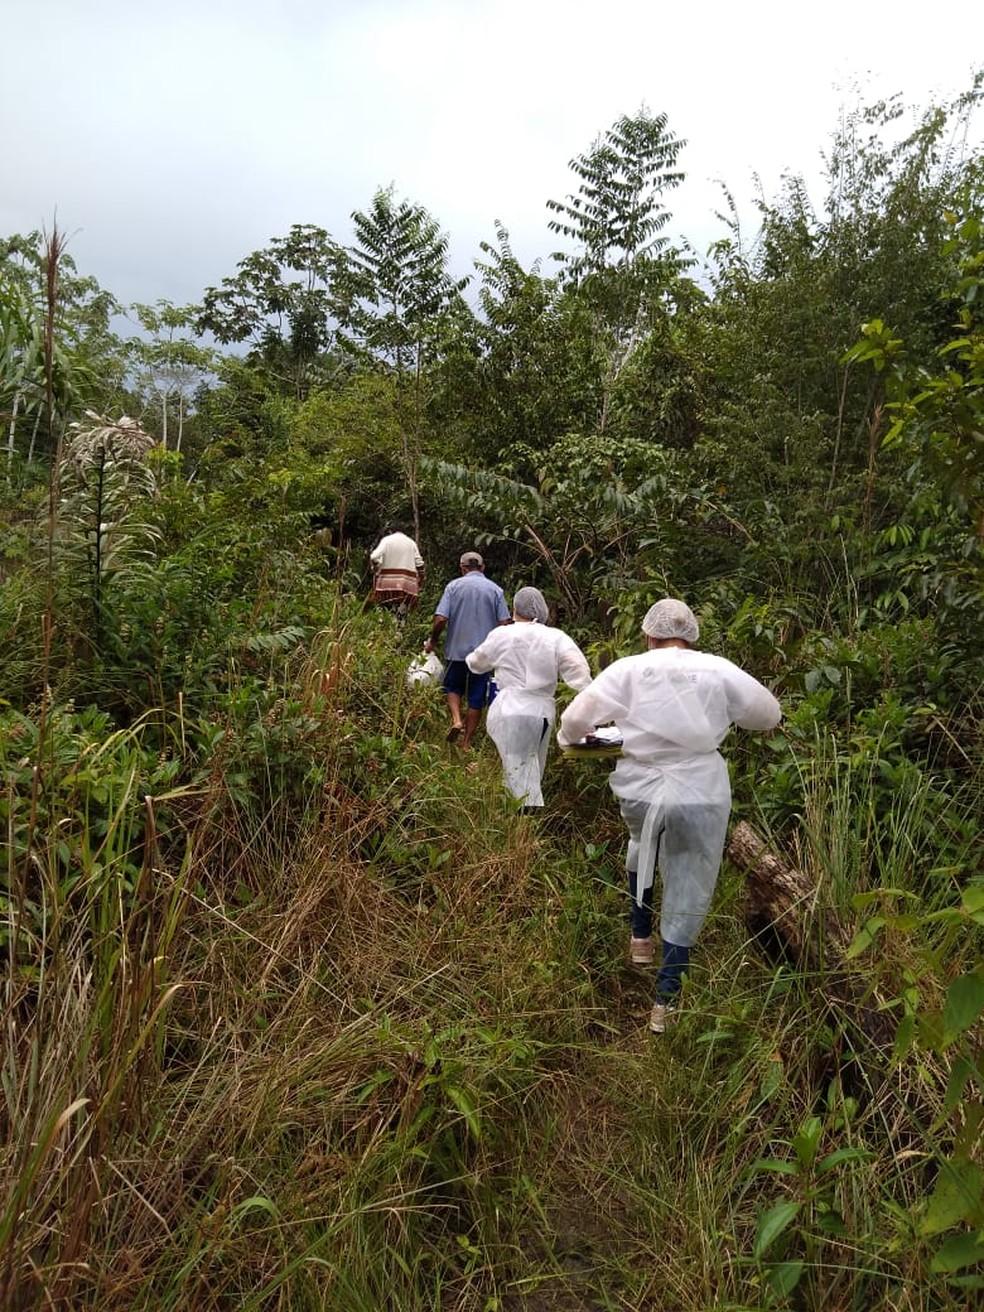 Equipe de profissionais da saúde do Amapá enfrentam mato alto para levar vacina contra a Covid-19 — Foto: Marquele Balieiro/Arquivo Pessoal